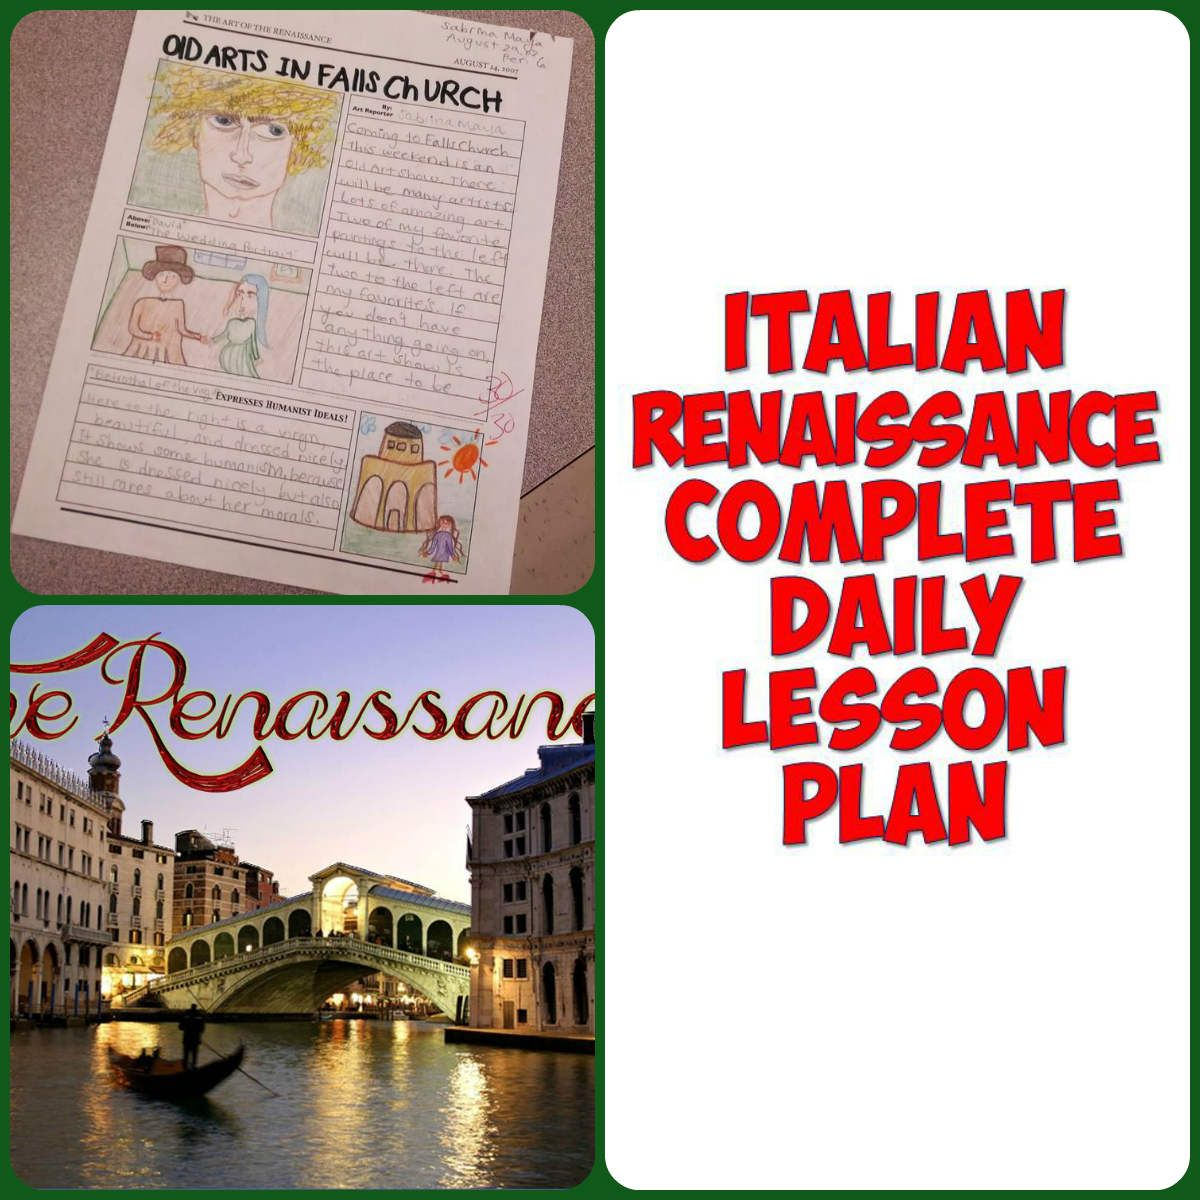 Renaissance Art And Literature Complete 1 Day Lesson Plan Social Stu S